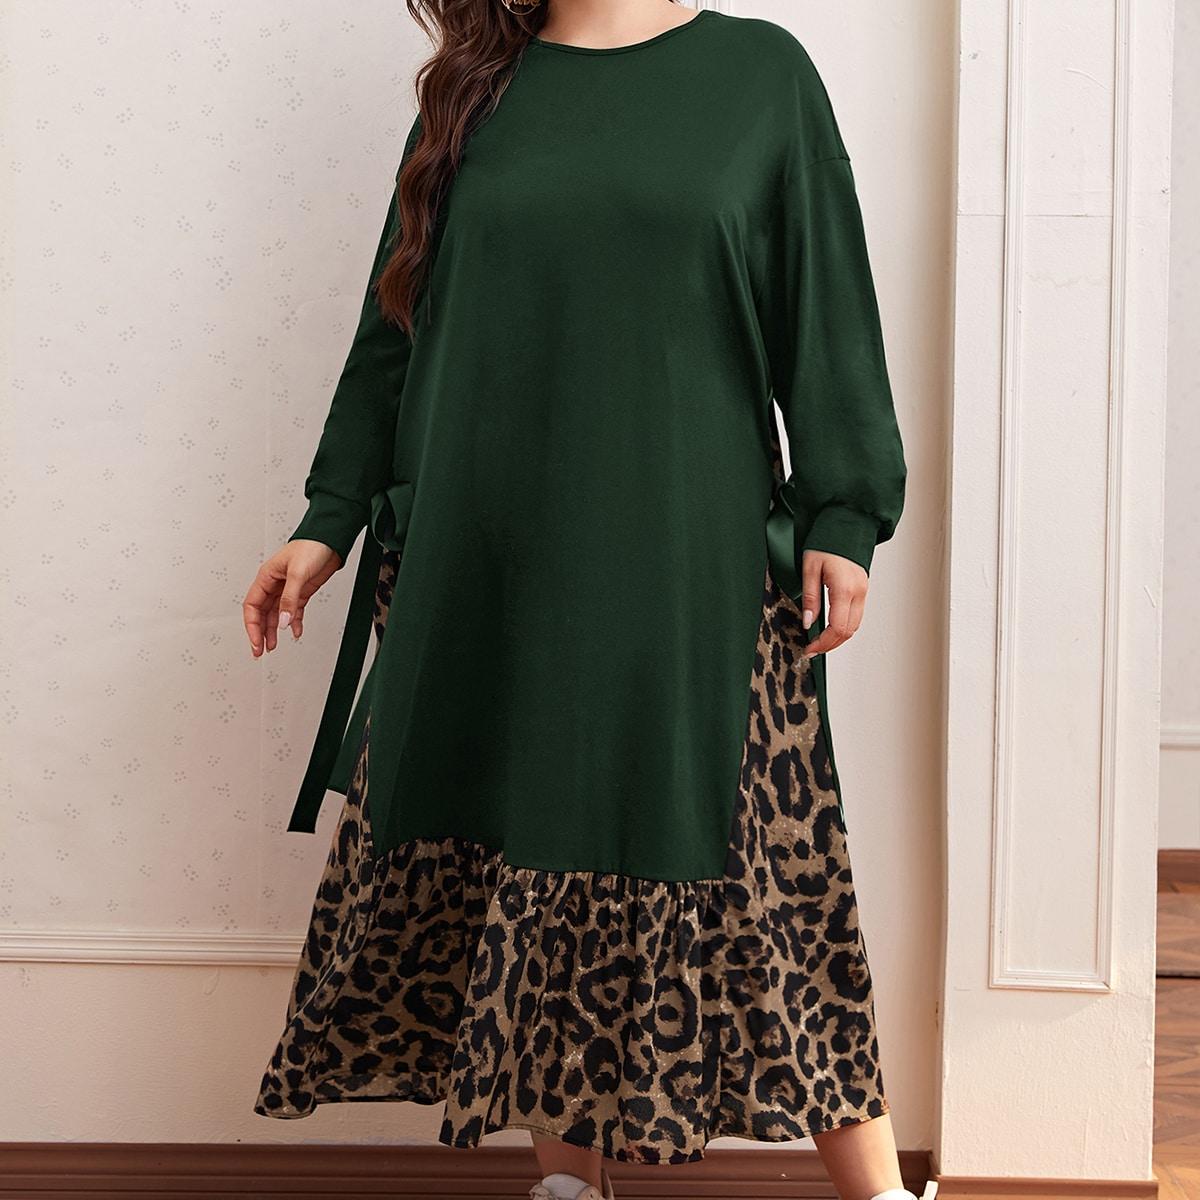 2 в 1 платье размера плюс с леопардовым принтом